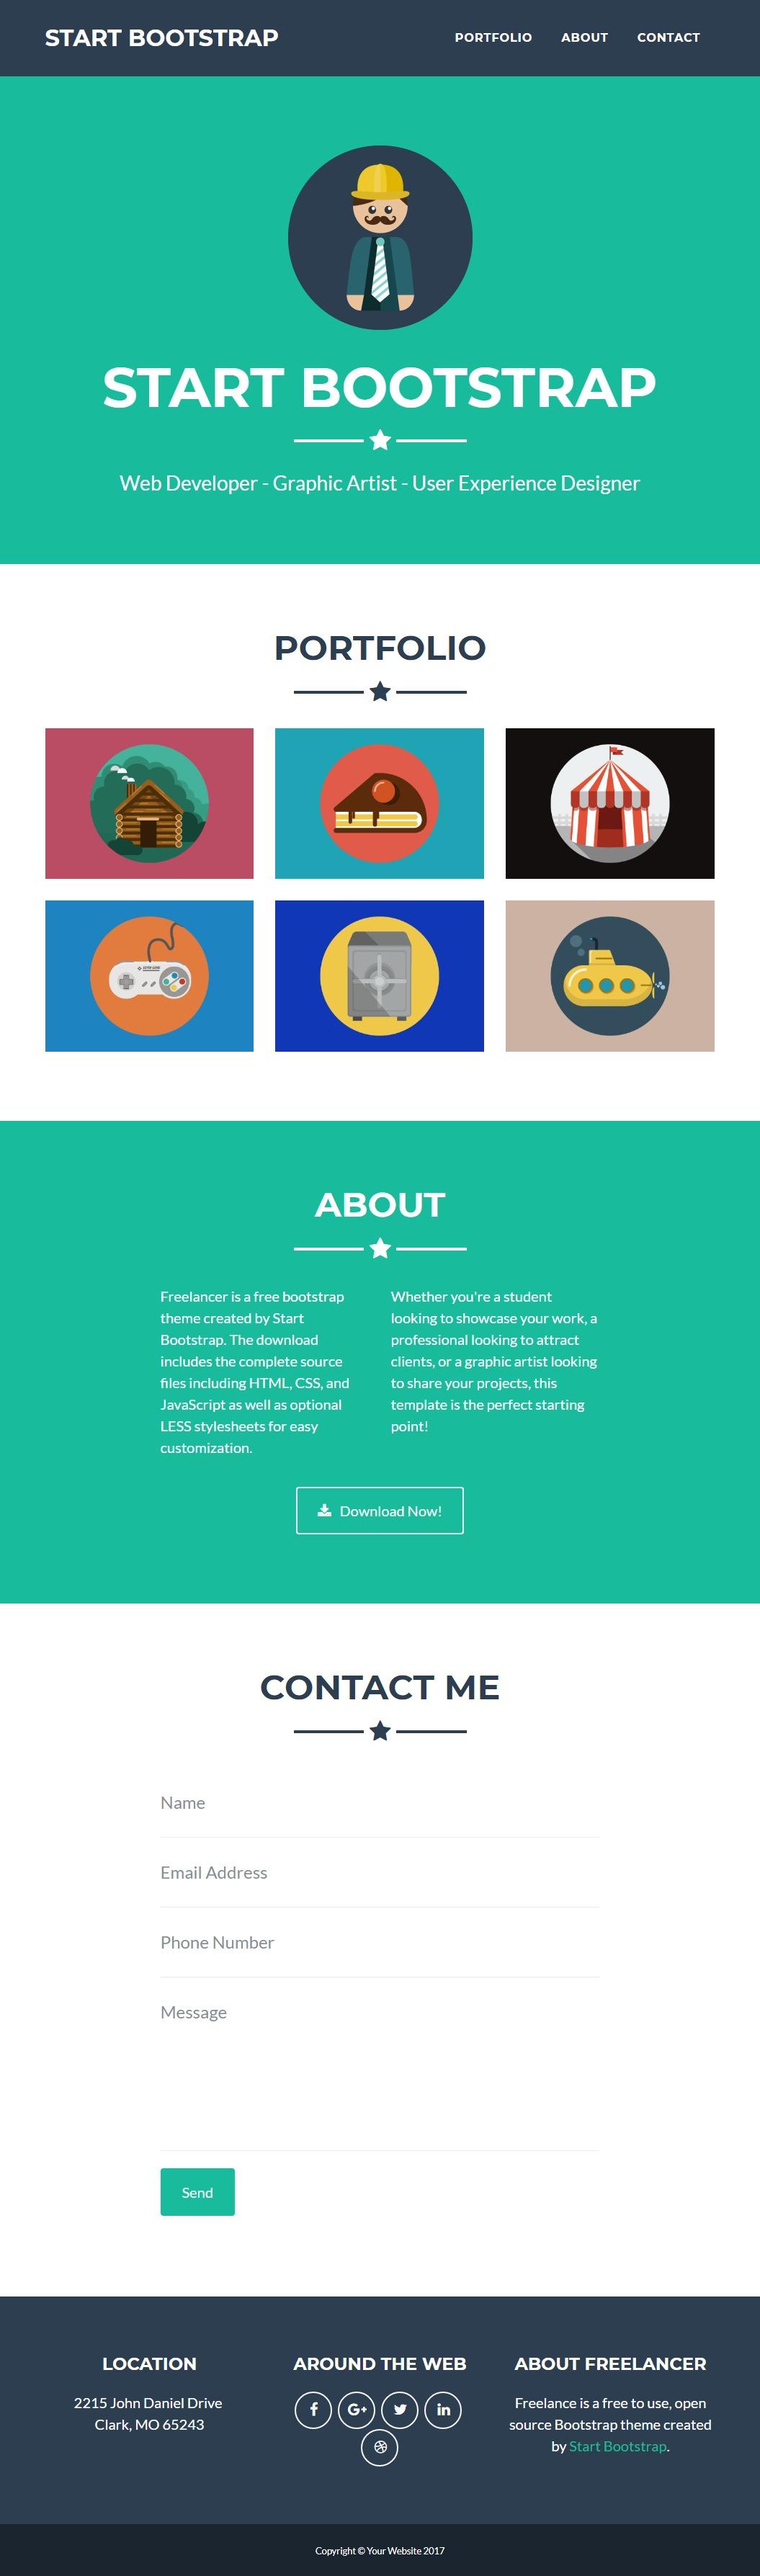 Freelancer---Start-Bootstrap-Theme